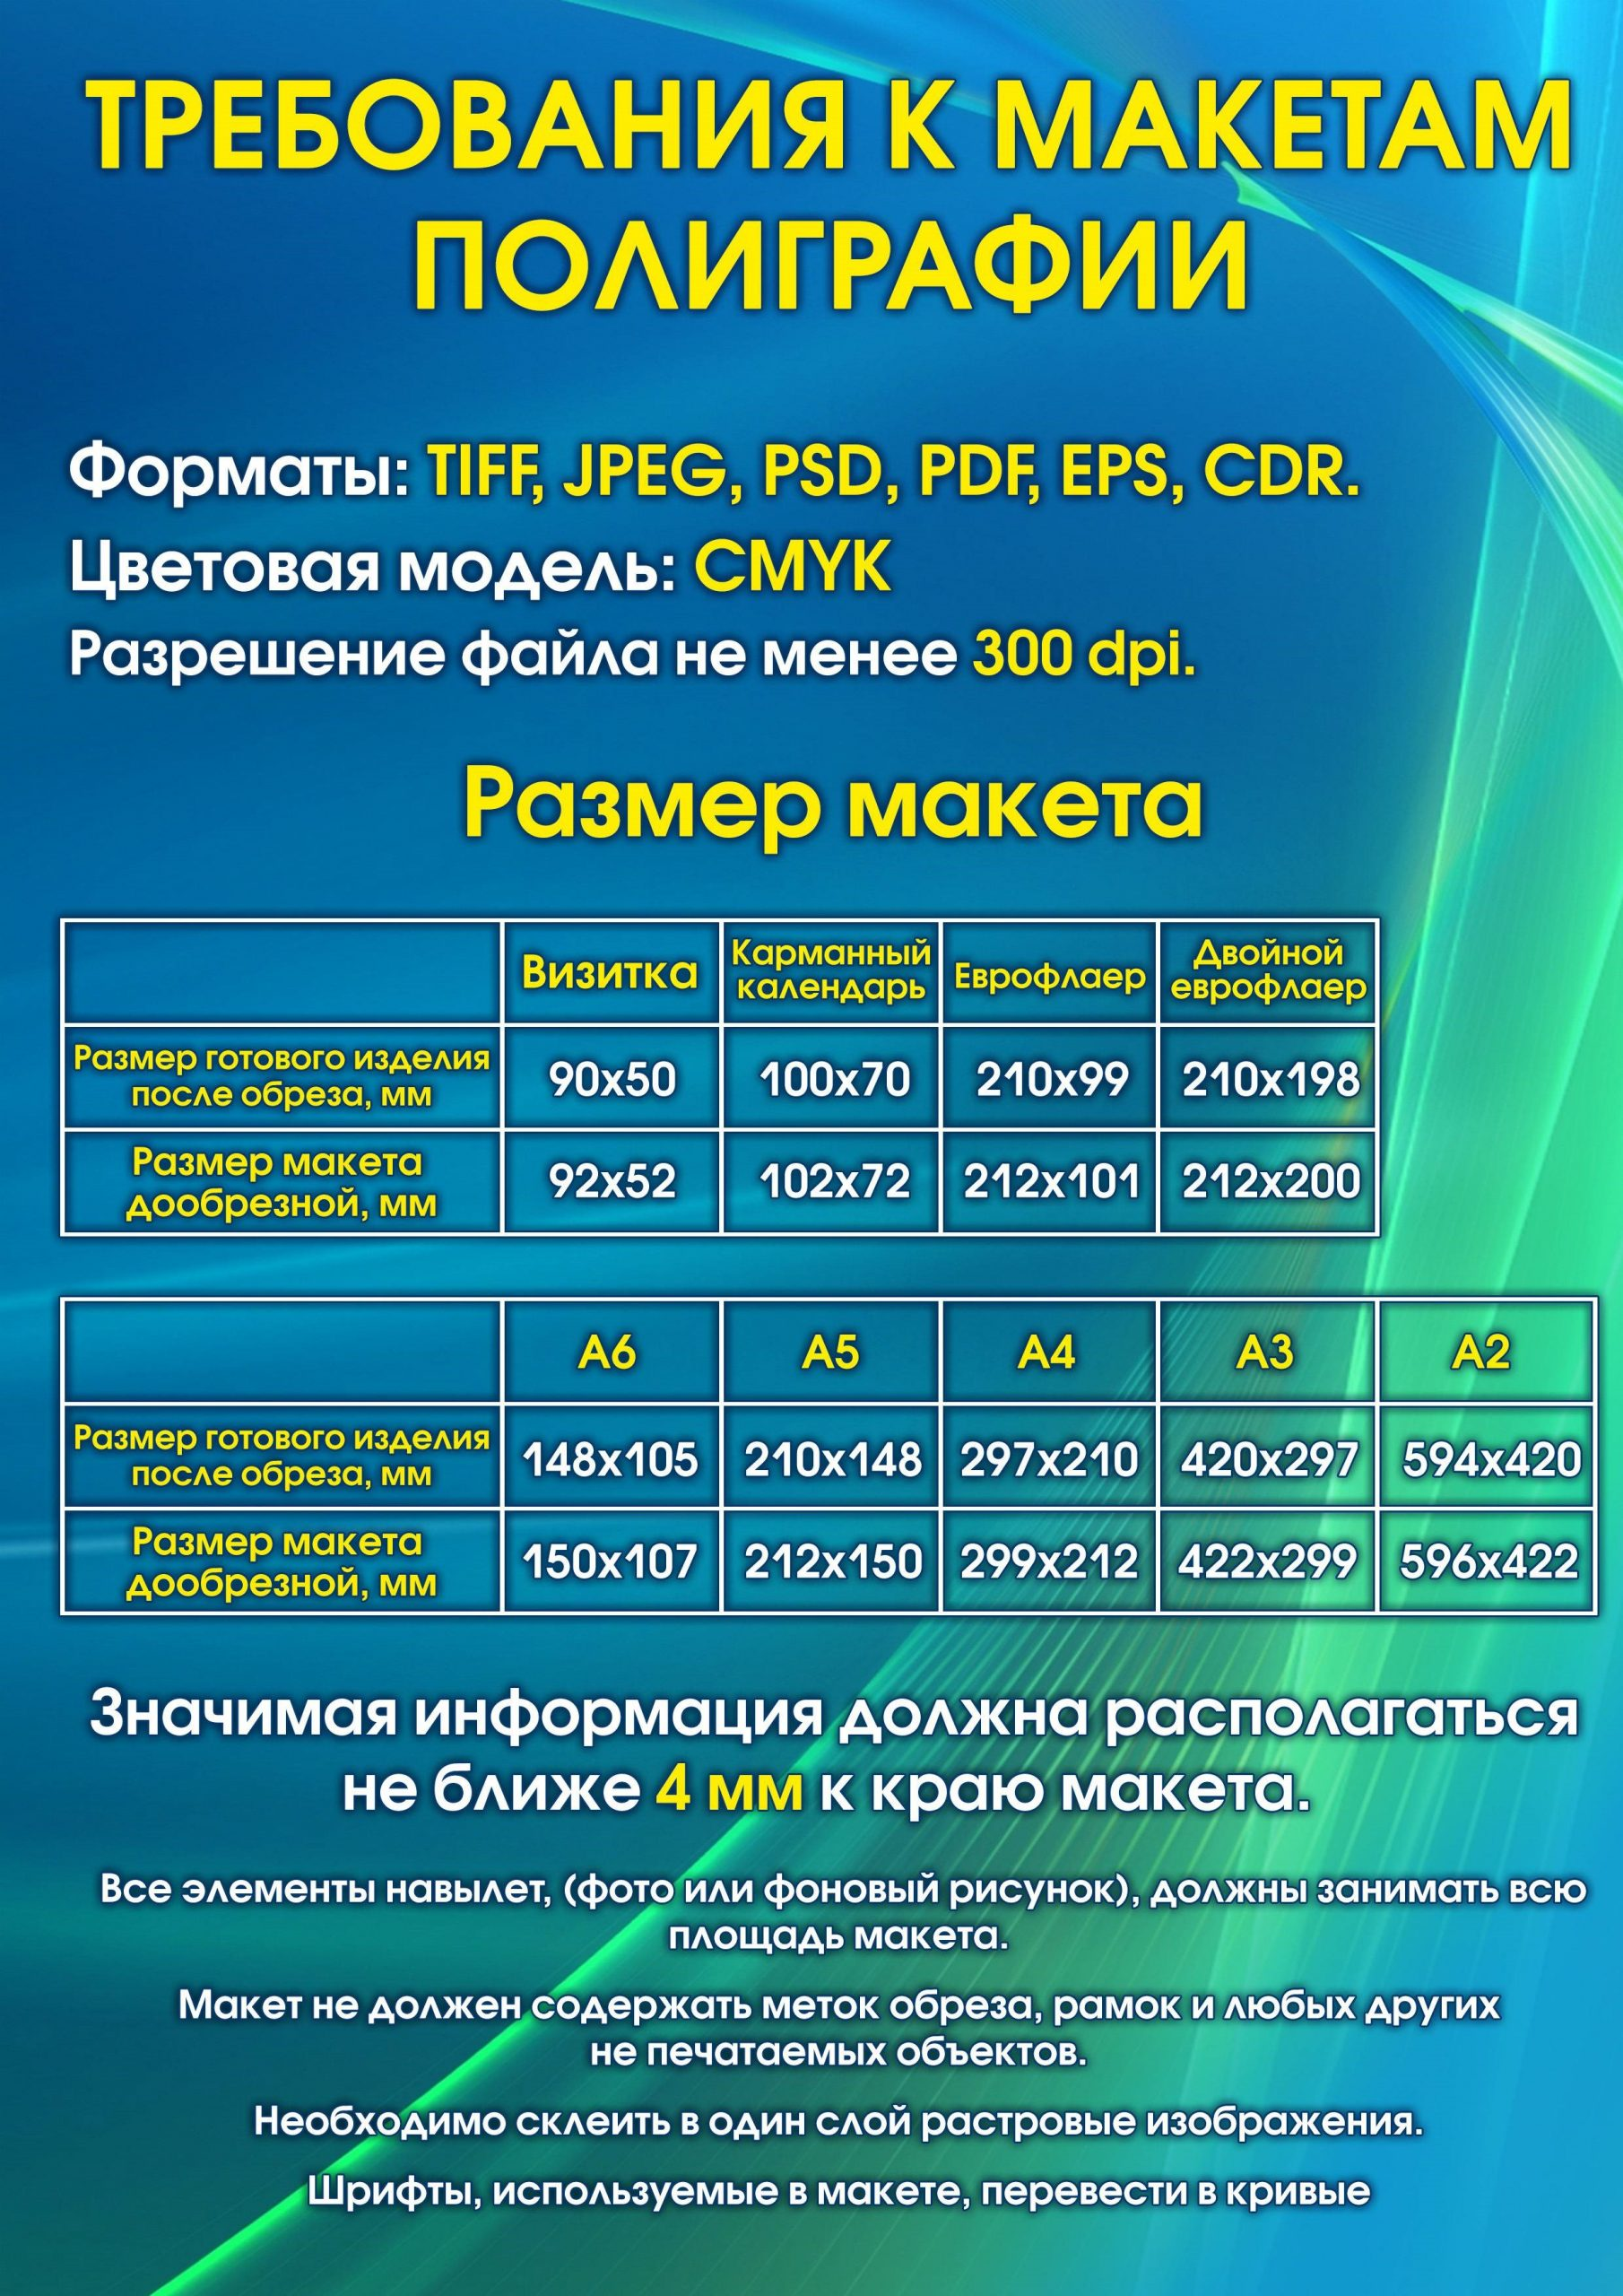 Технологические требования к макетам в Москве | фото 2